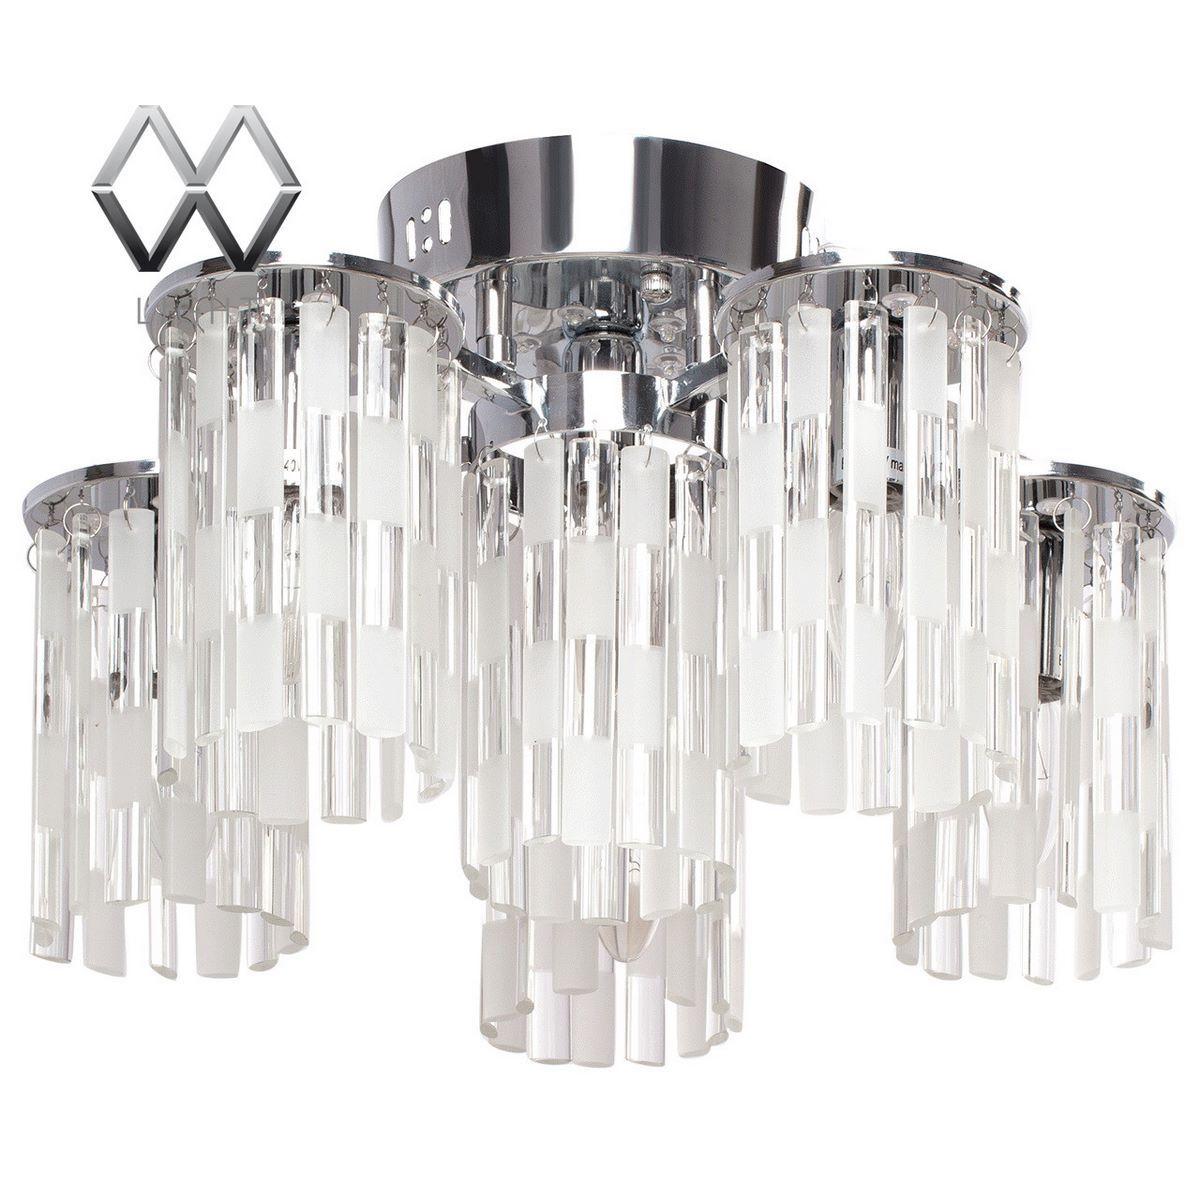 6fd17cfd1130 Потолочная люстра MW-Light Ультра 7 229010906 — купить за 12580 ...